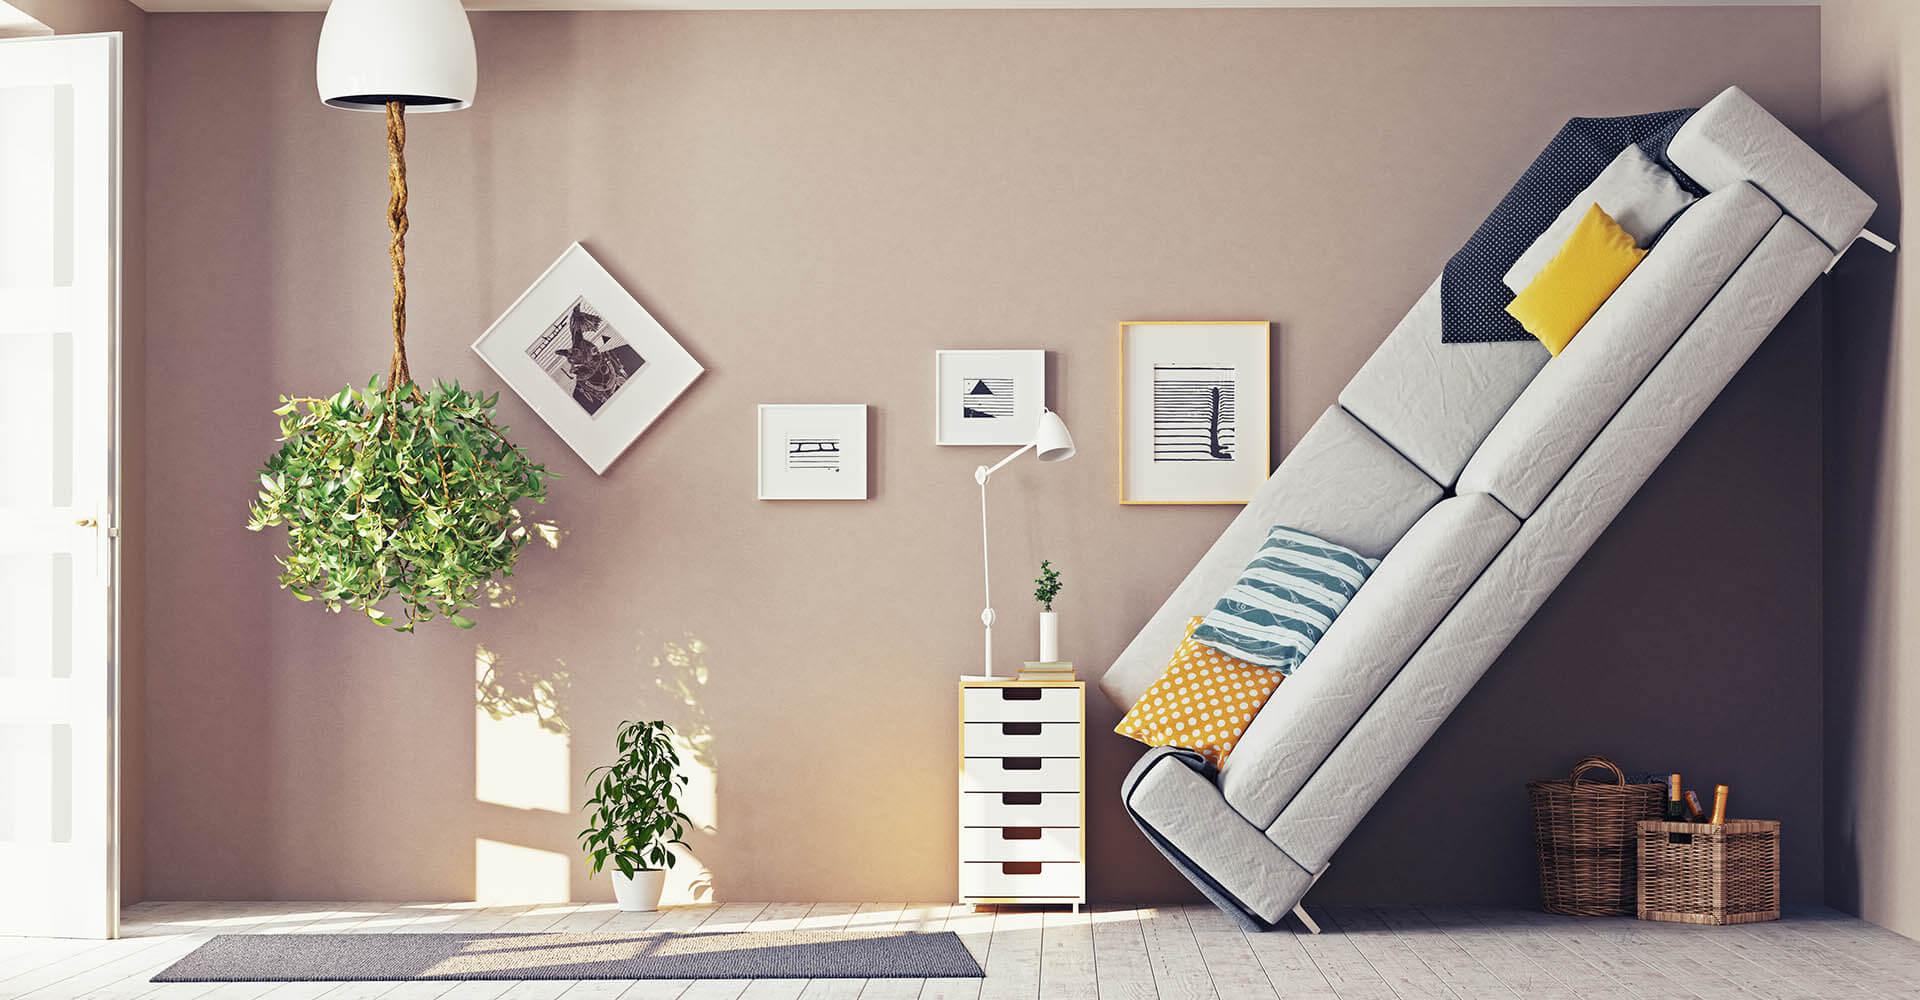 Möbel in Wohnzimmer stehen verstellt, quer und teilweise kopfüber